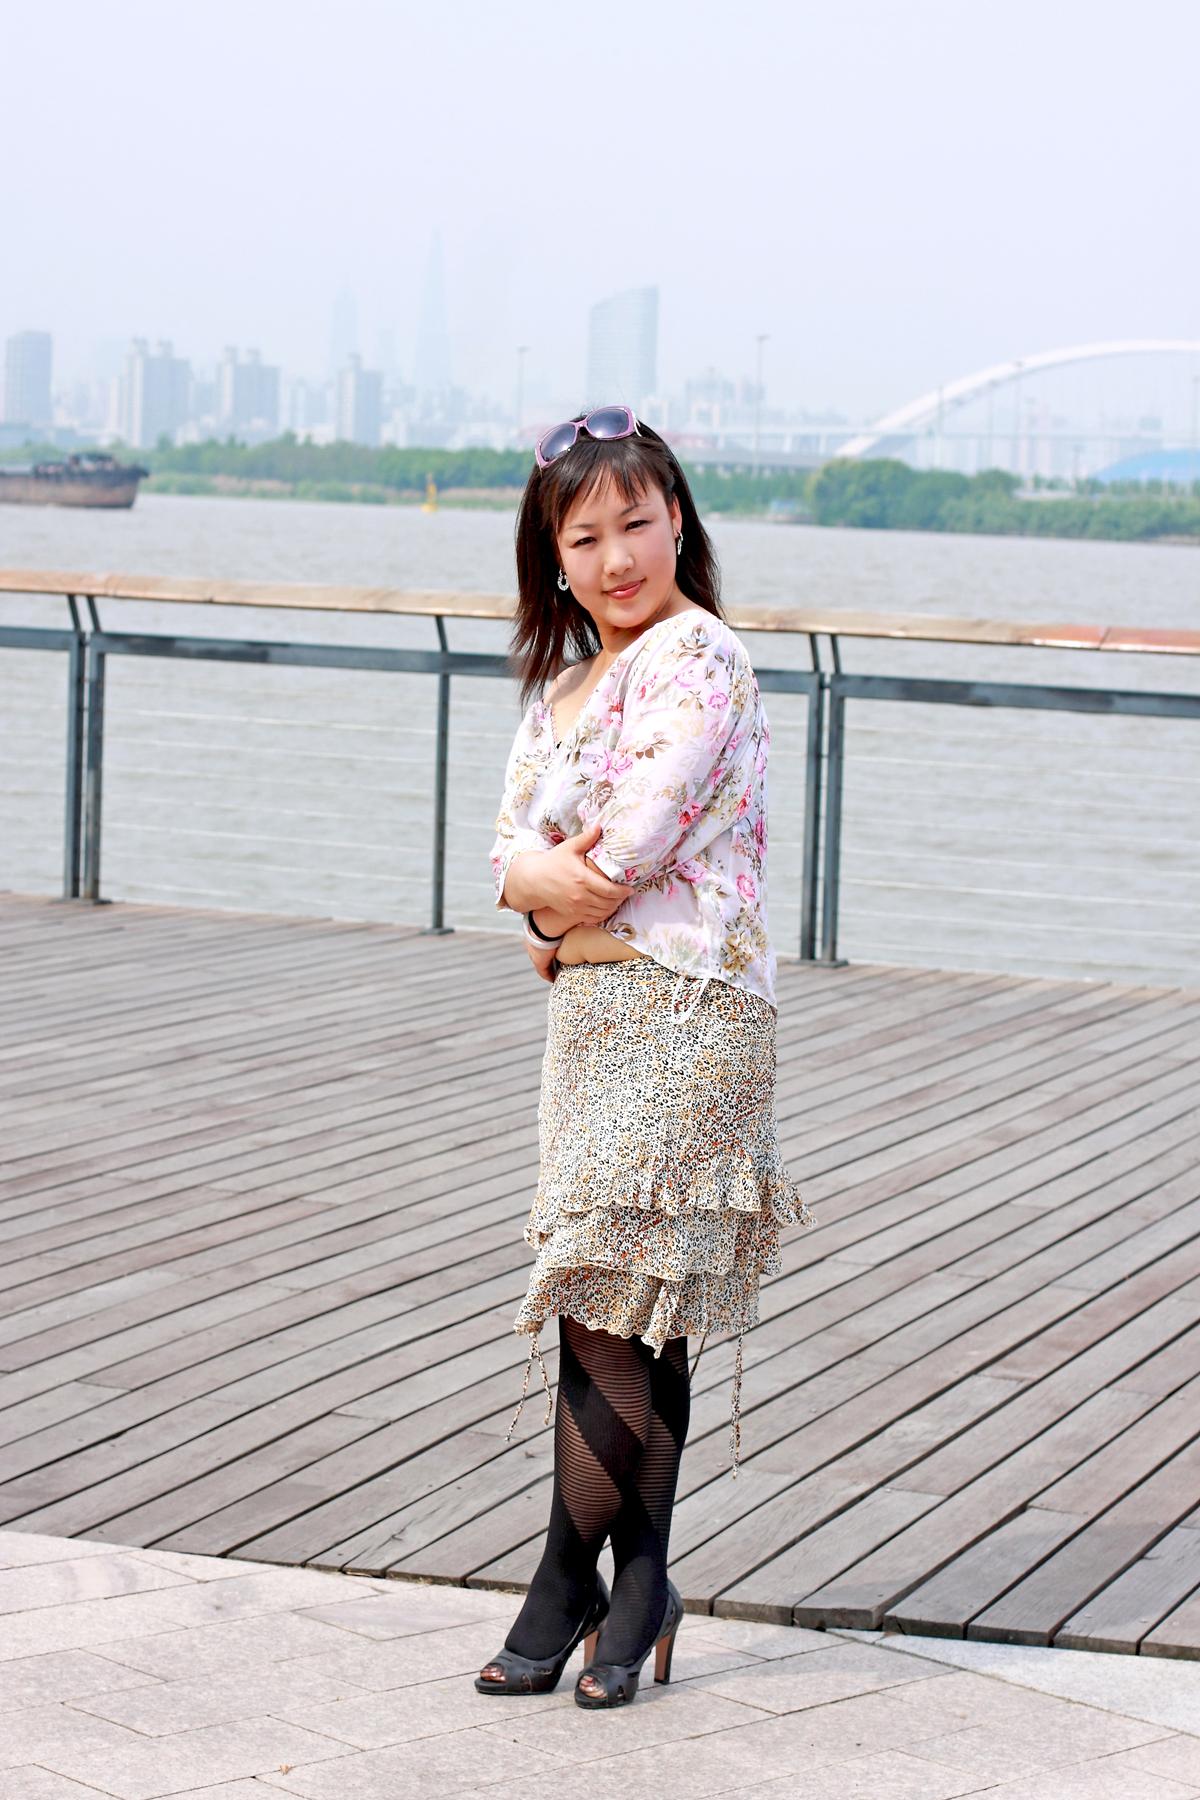 来自内蒙古草原的美女 燕燕mm 全国摄友交流区 e摄会 高清图片